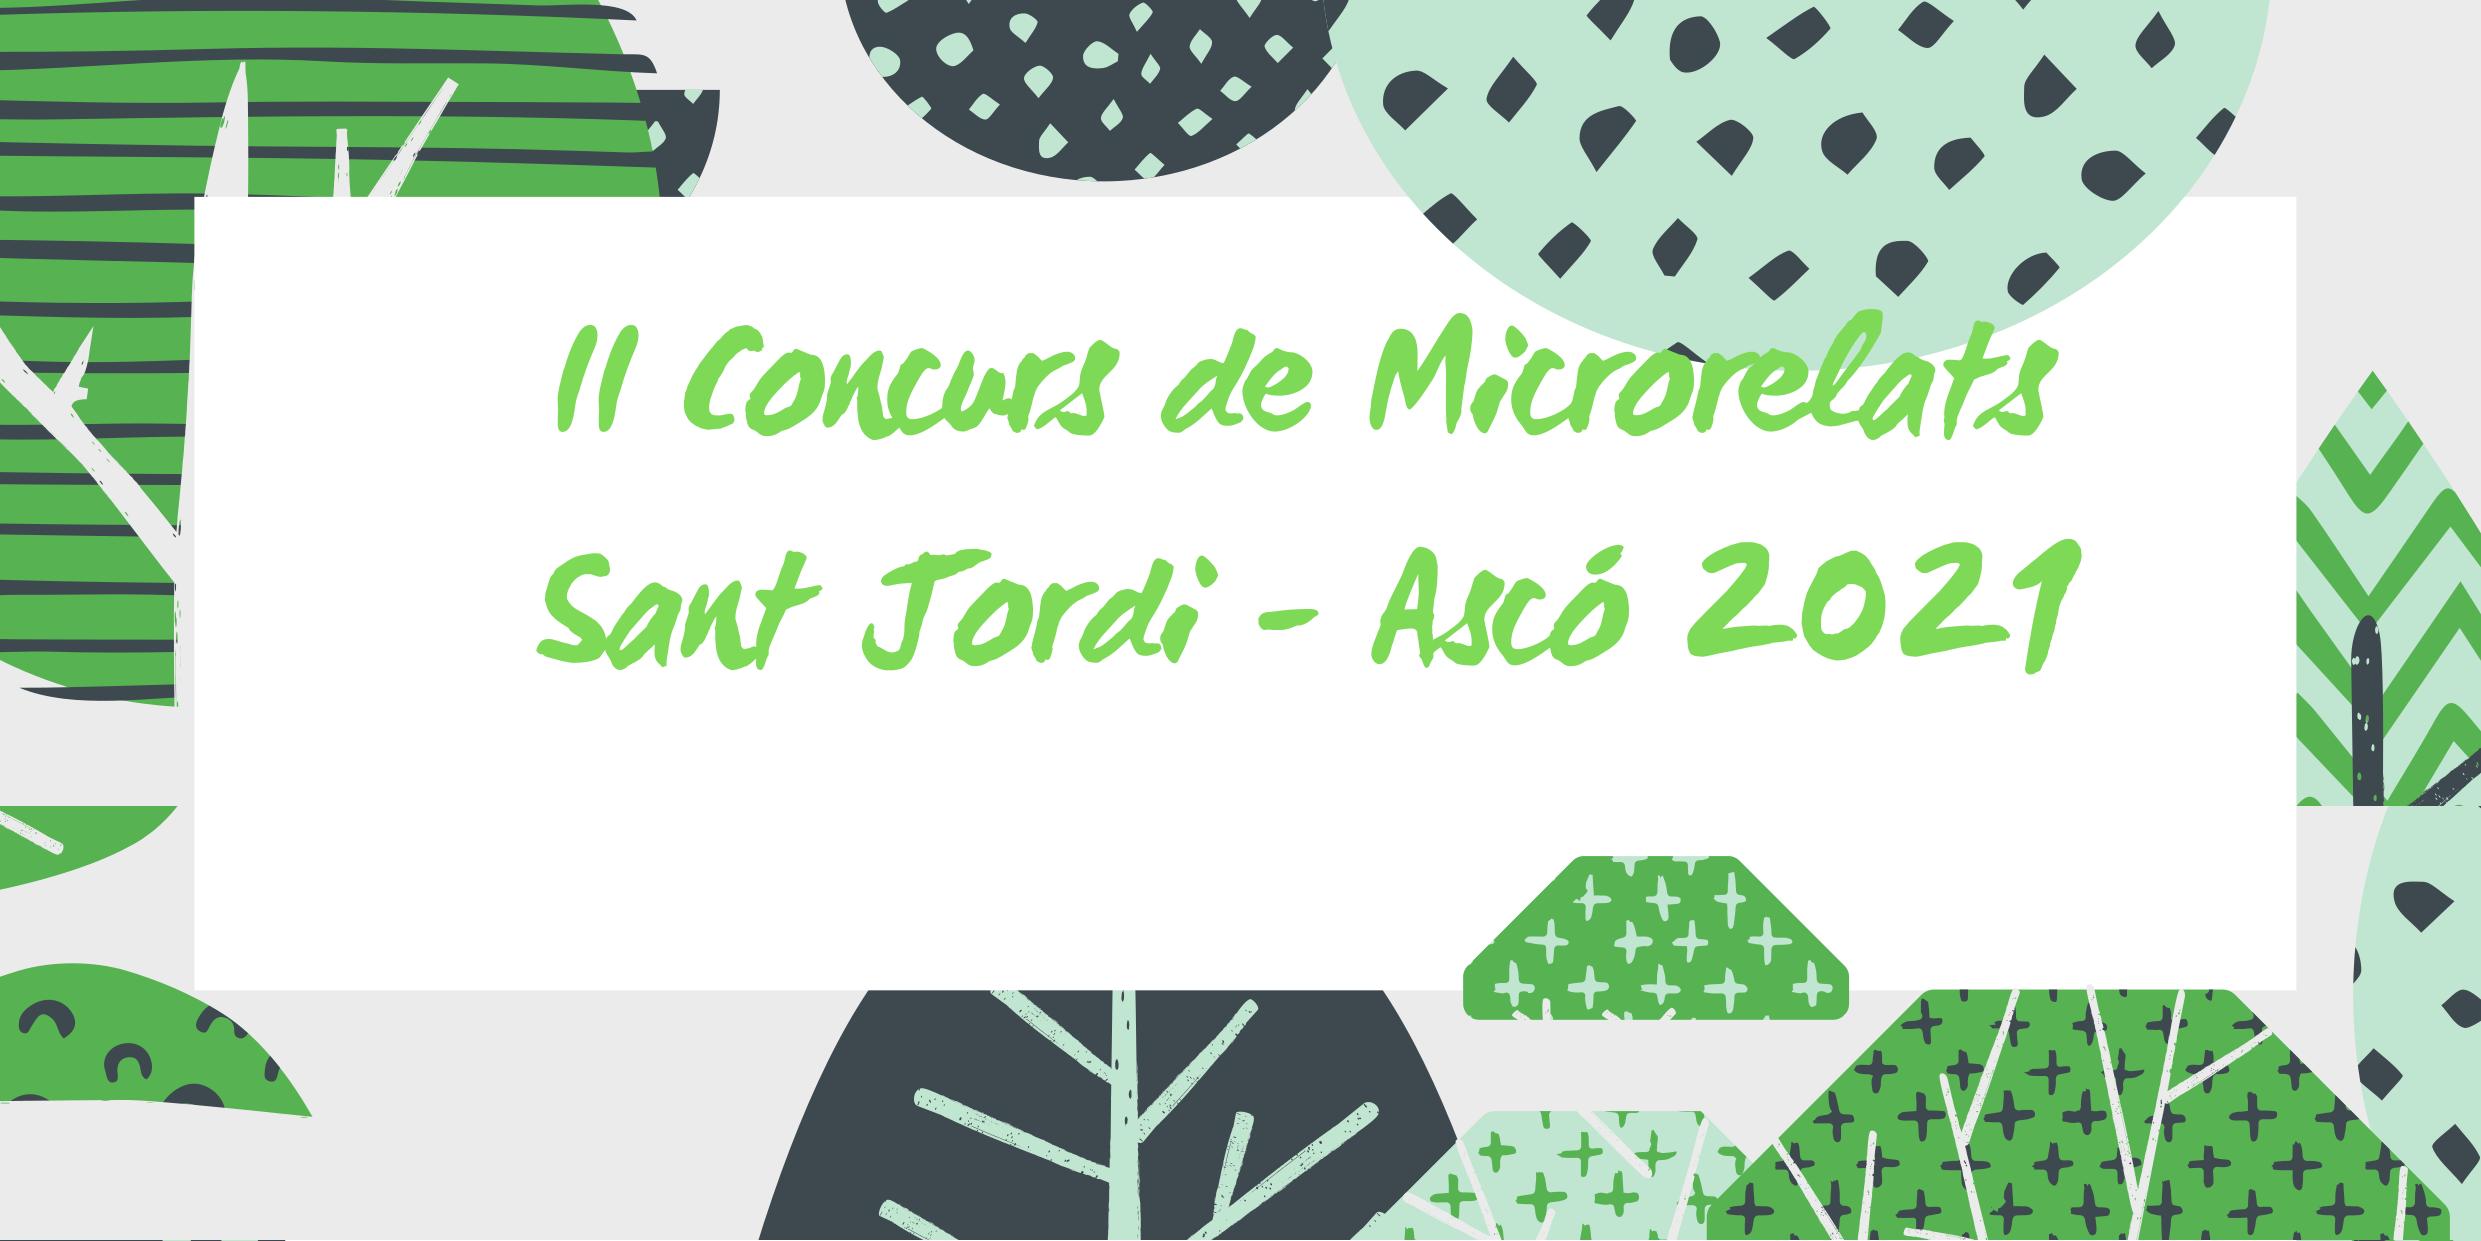 II CONCURS DE MICRORELATS SANT JORDI – ASCÓ 2021